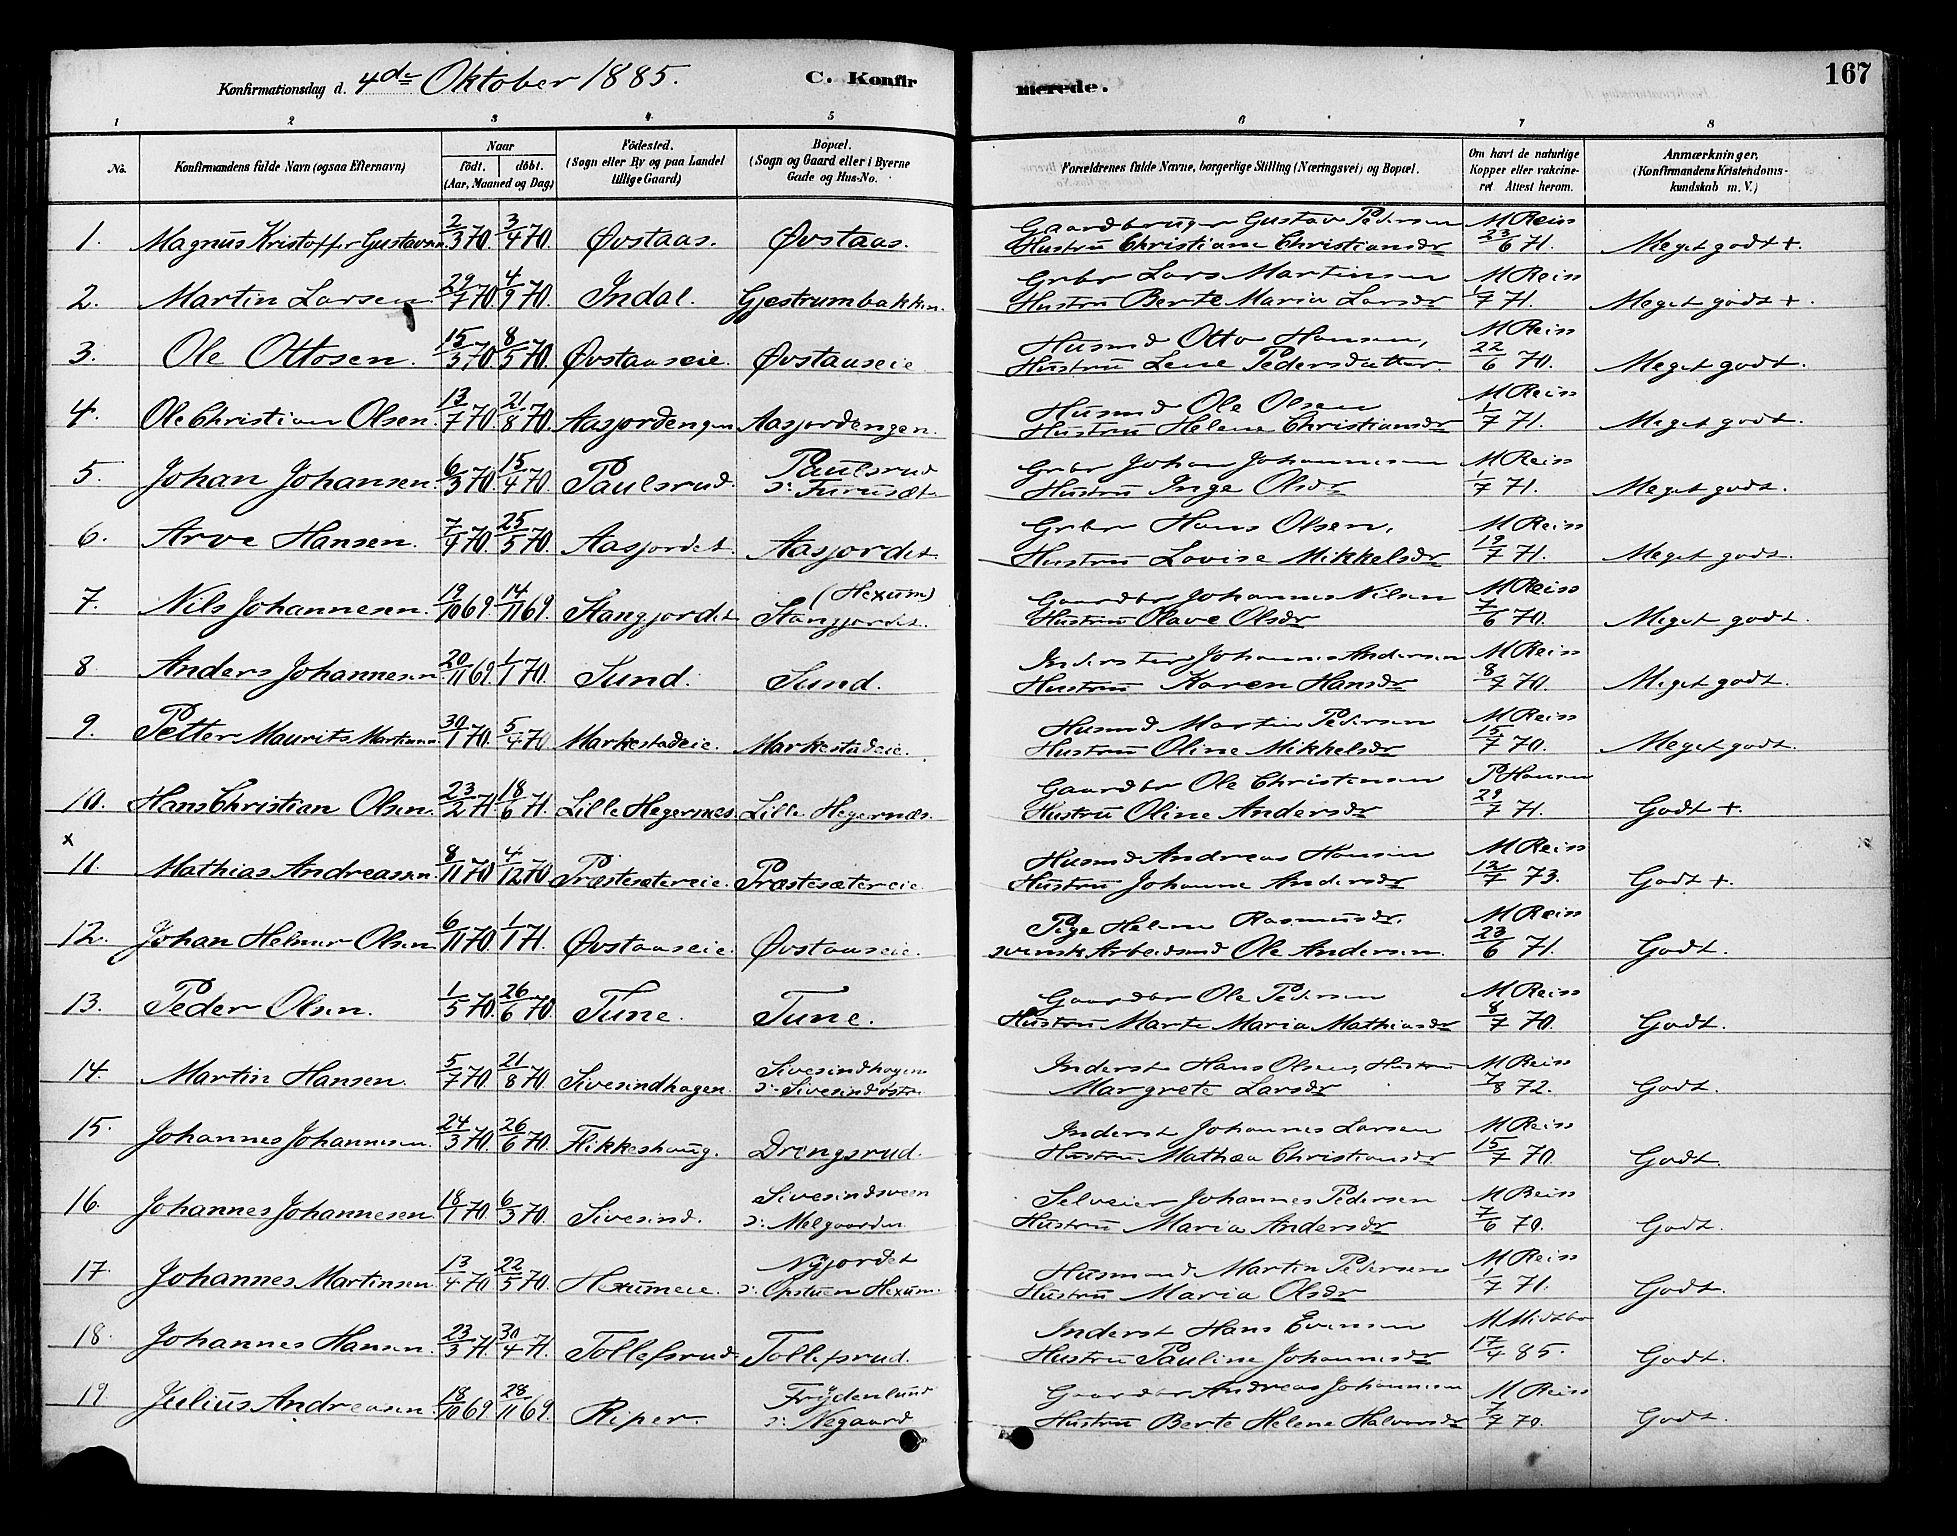 SAH, Vestre Toten prestekontor, Ministerialbok nr. 9, 1878-1894, s. 167